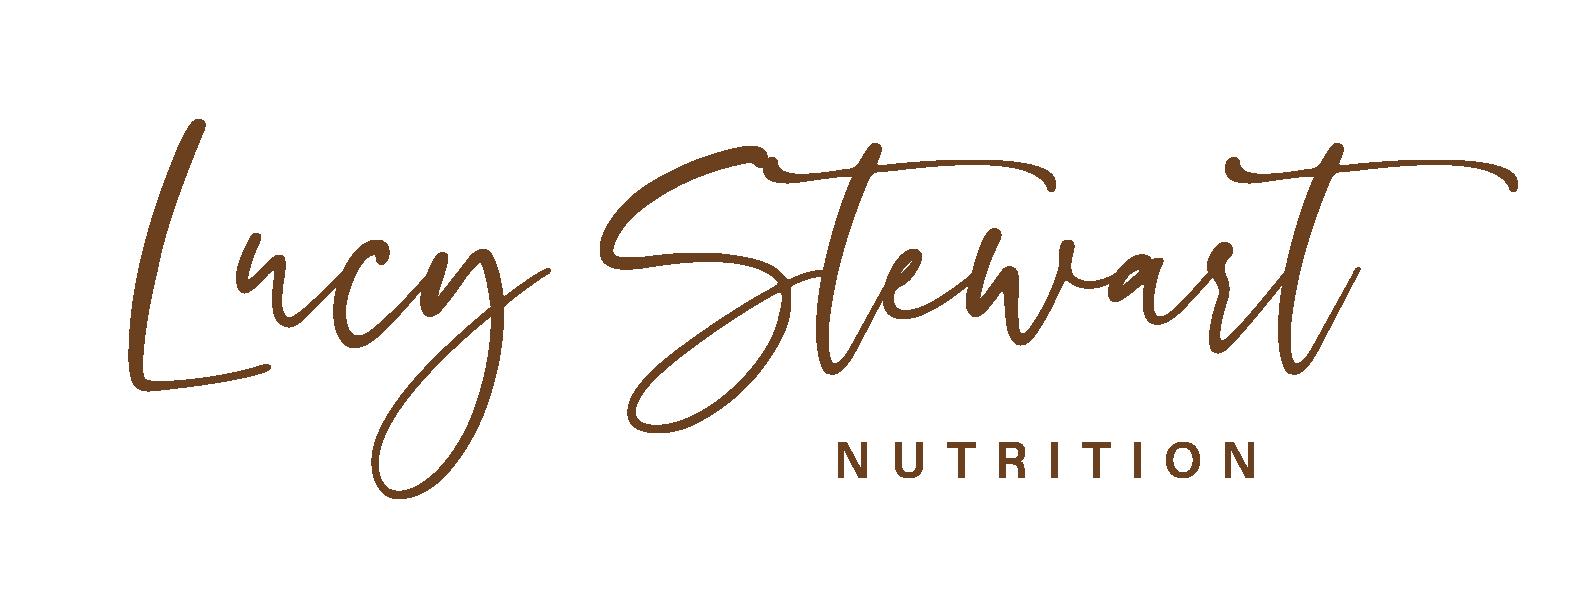 Lucy Stewart Nutrition